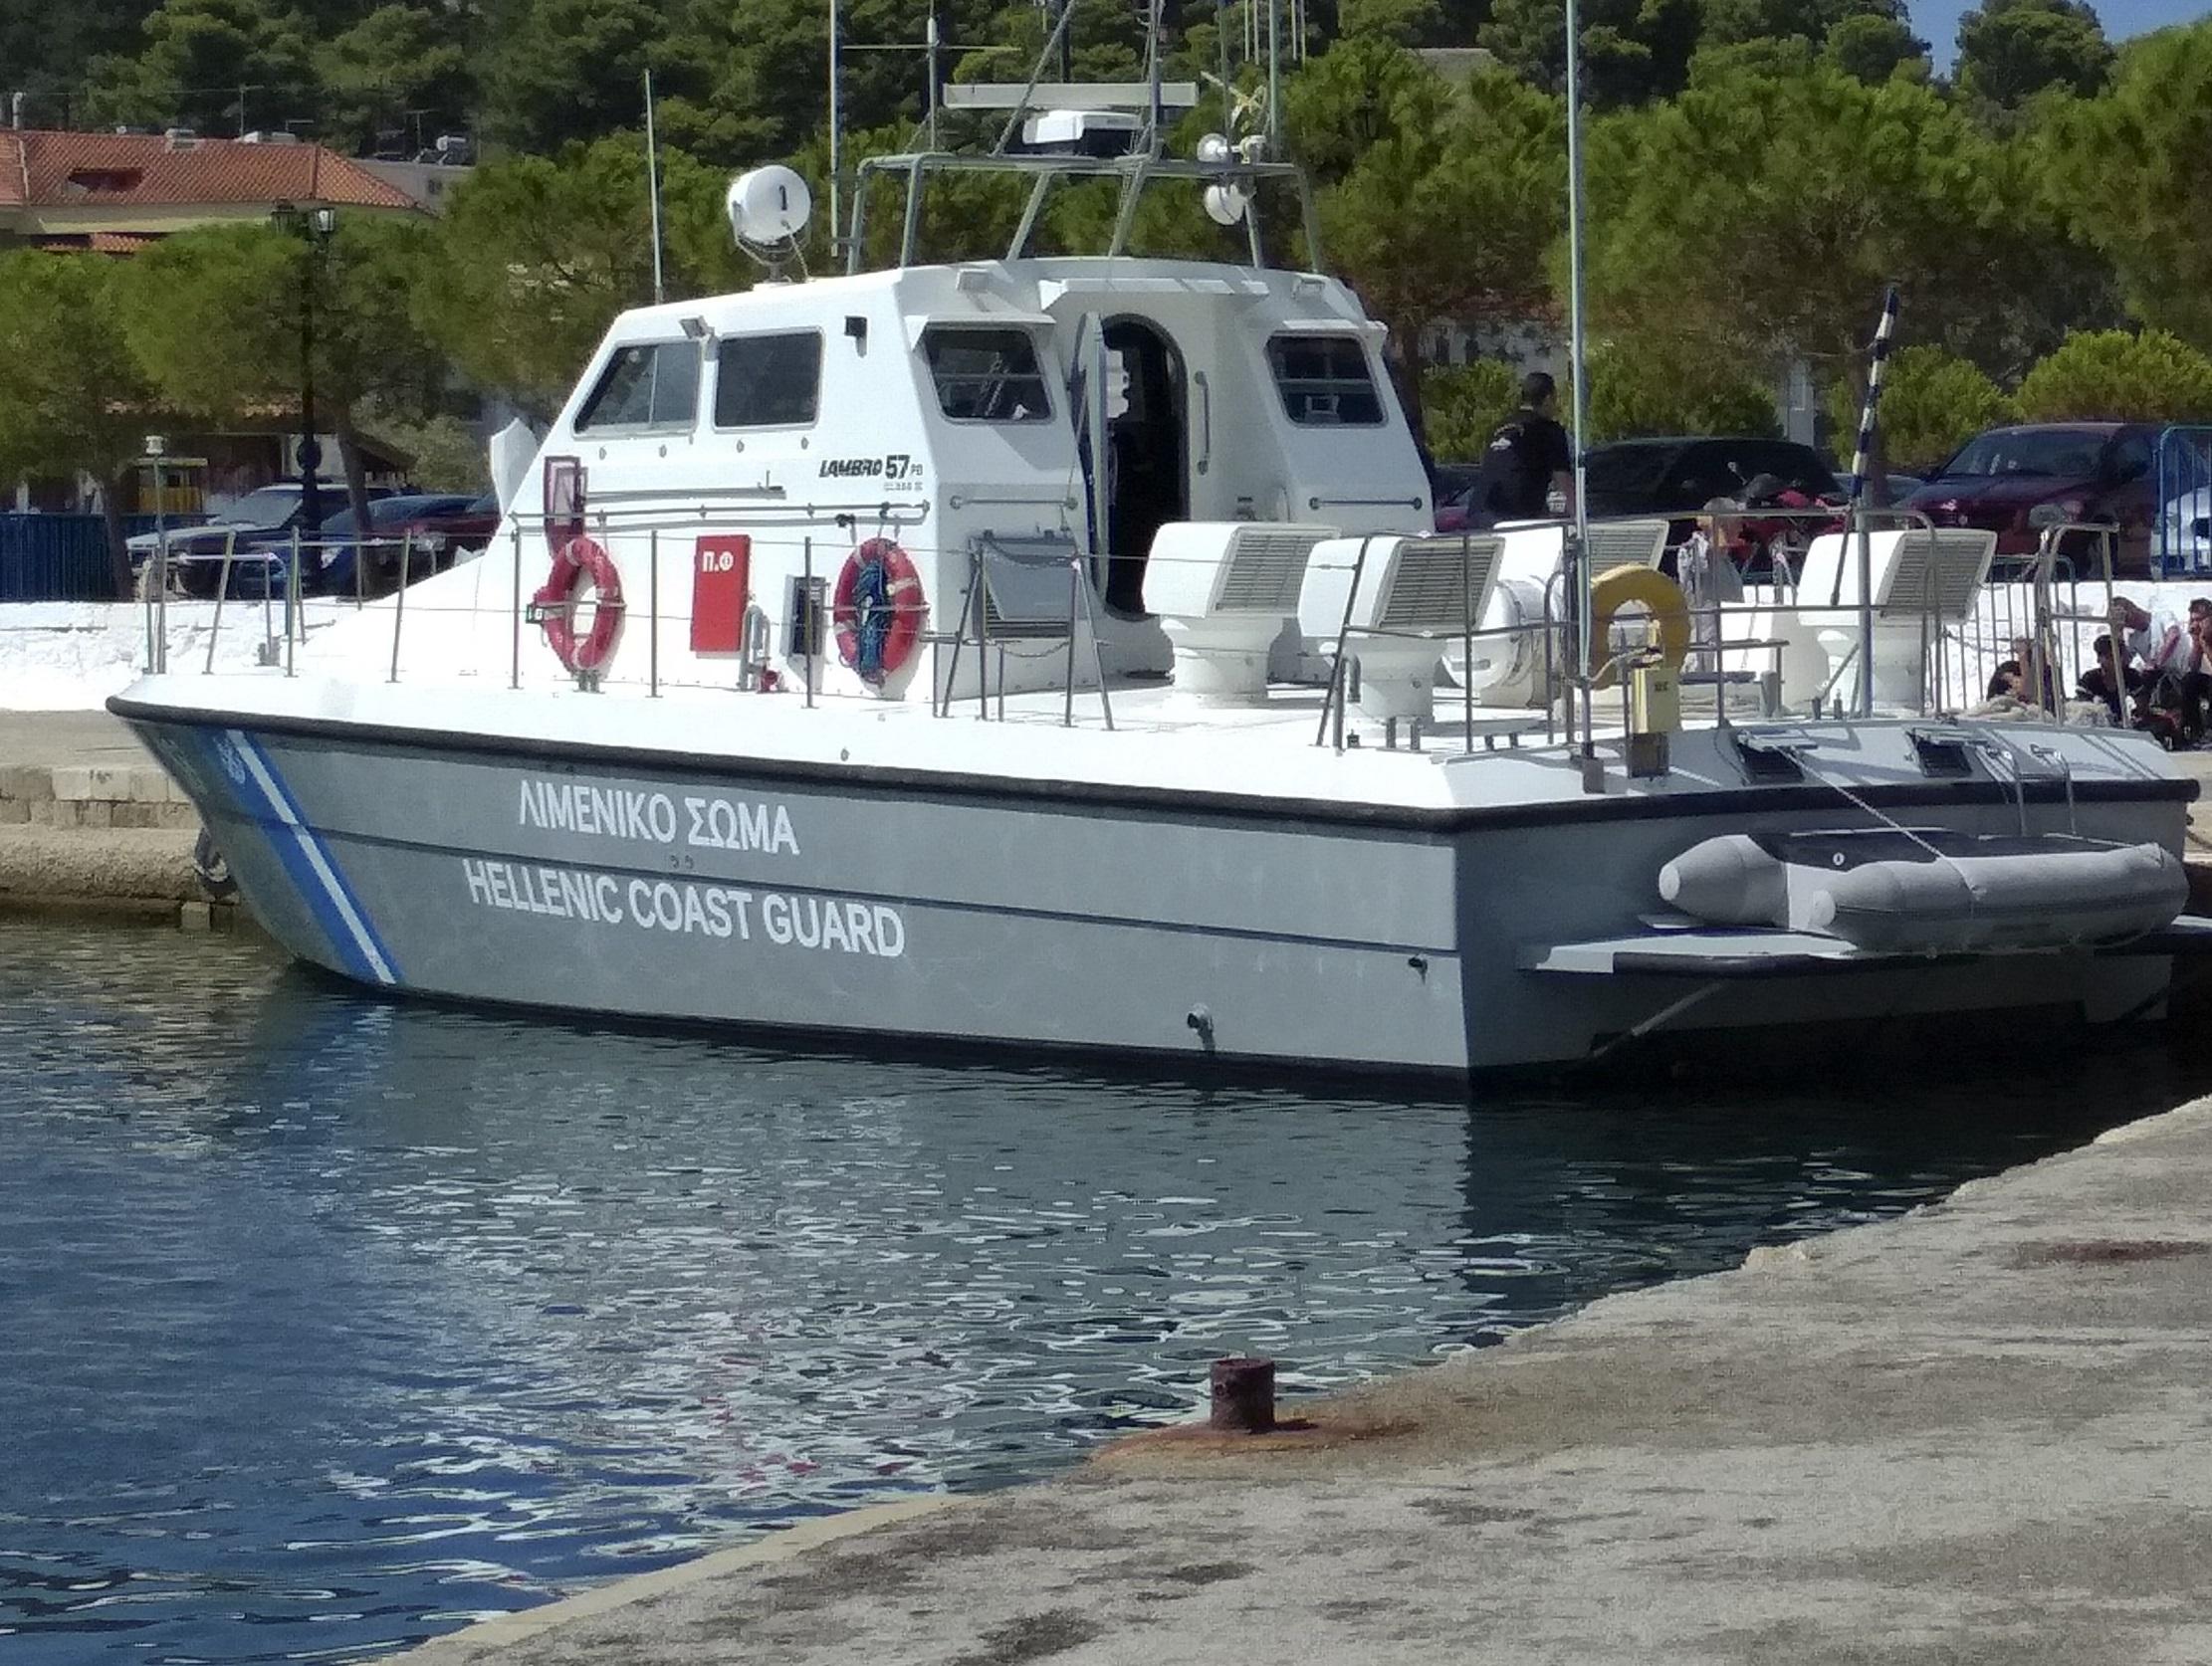 Συναγερμός στο Πέραμα! Ανήλικος Έπεσε στην θάλασσα για να αποφύγει τους αστυνομικούς και ακόμα τον ψάχνουν